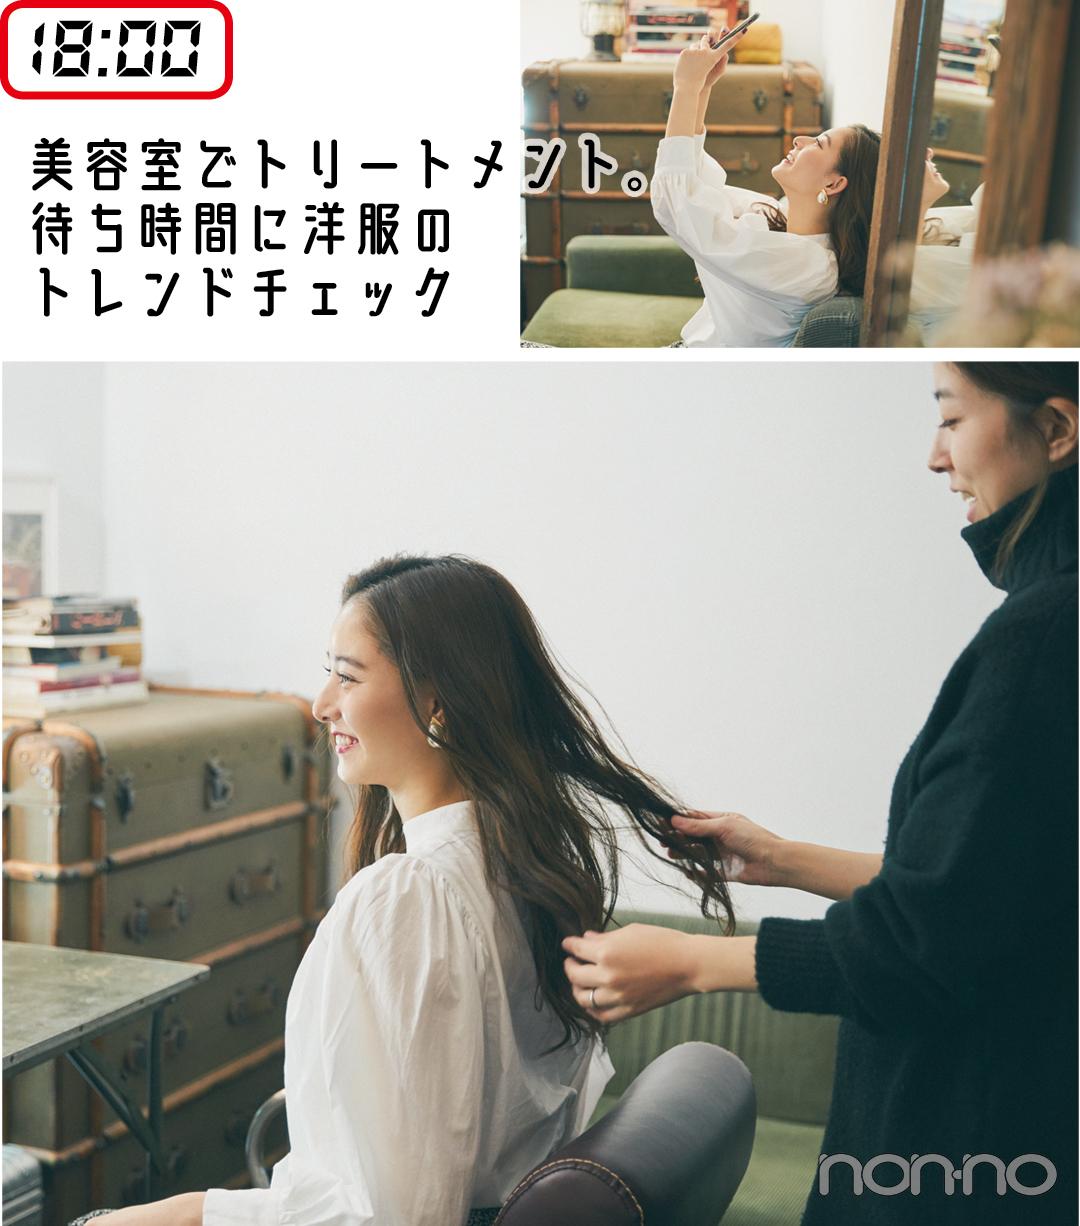 yuko10